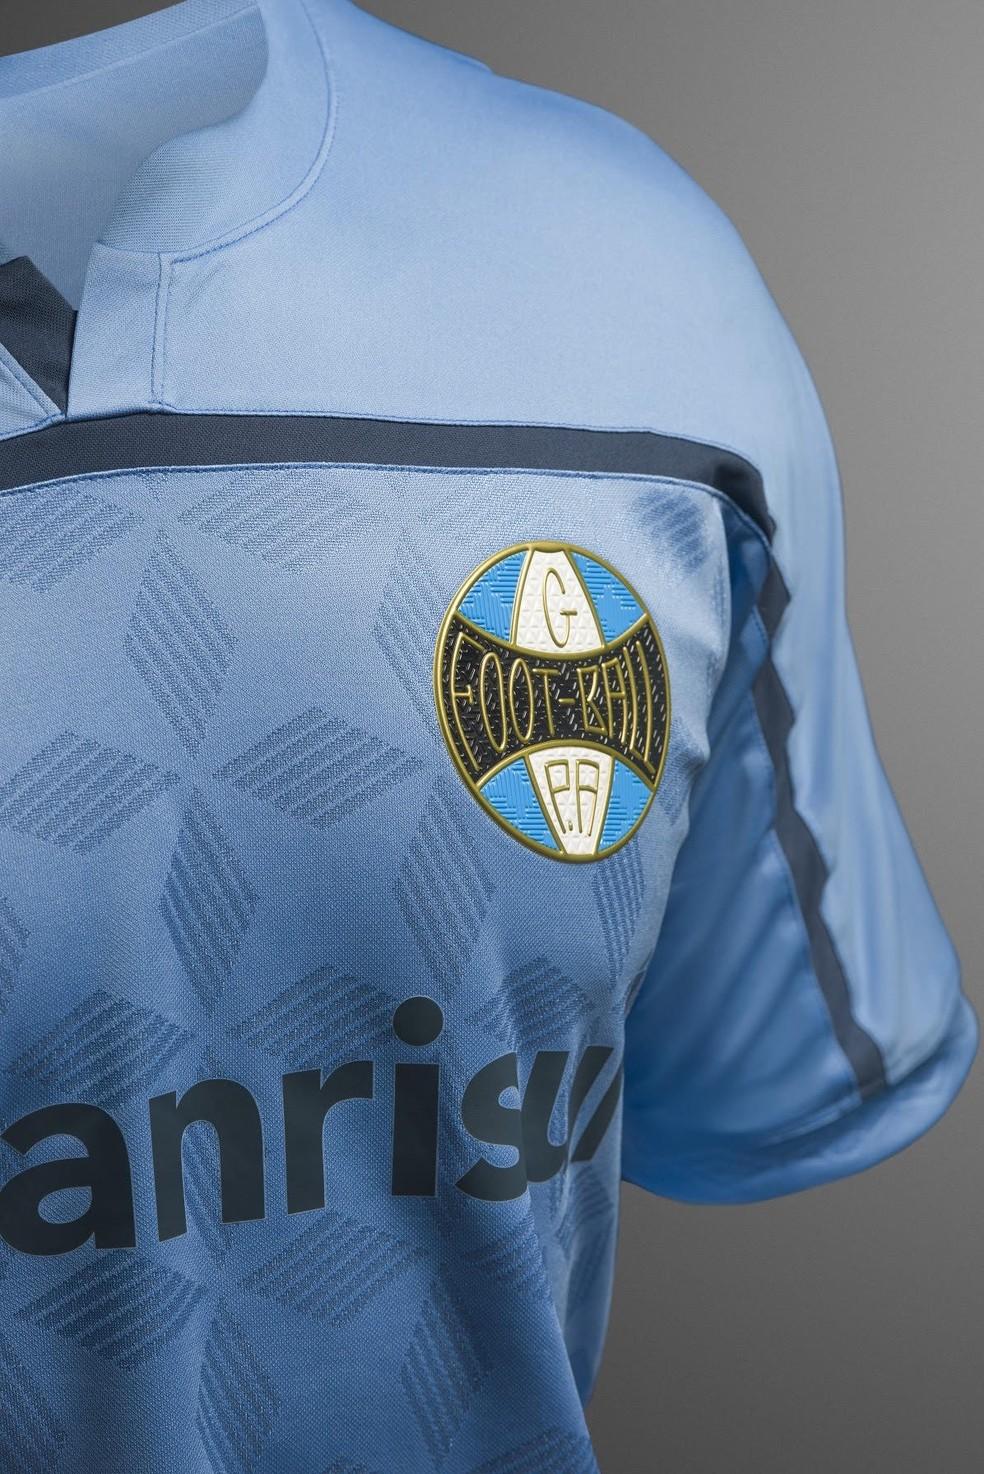 A terceira camisa do Grêmio lançada em 2020 — Foto: Divulgação / Umbro